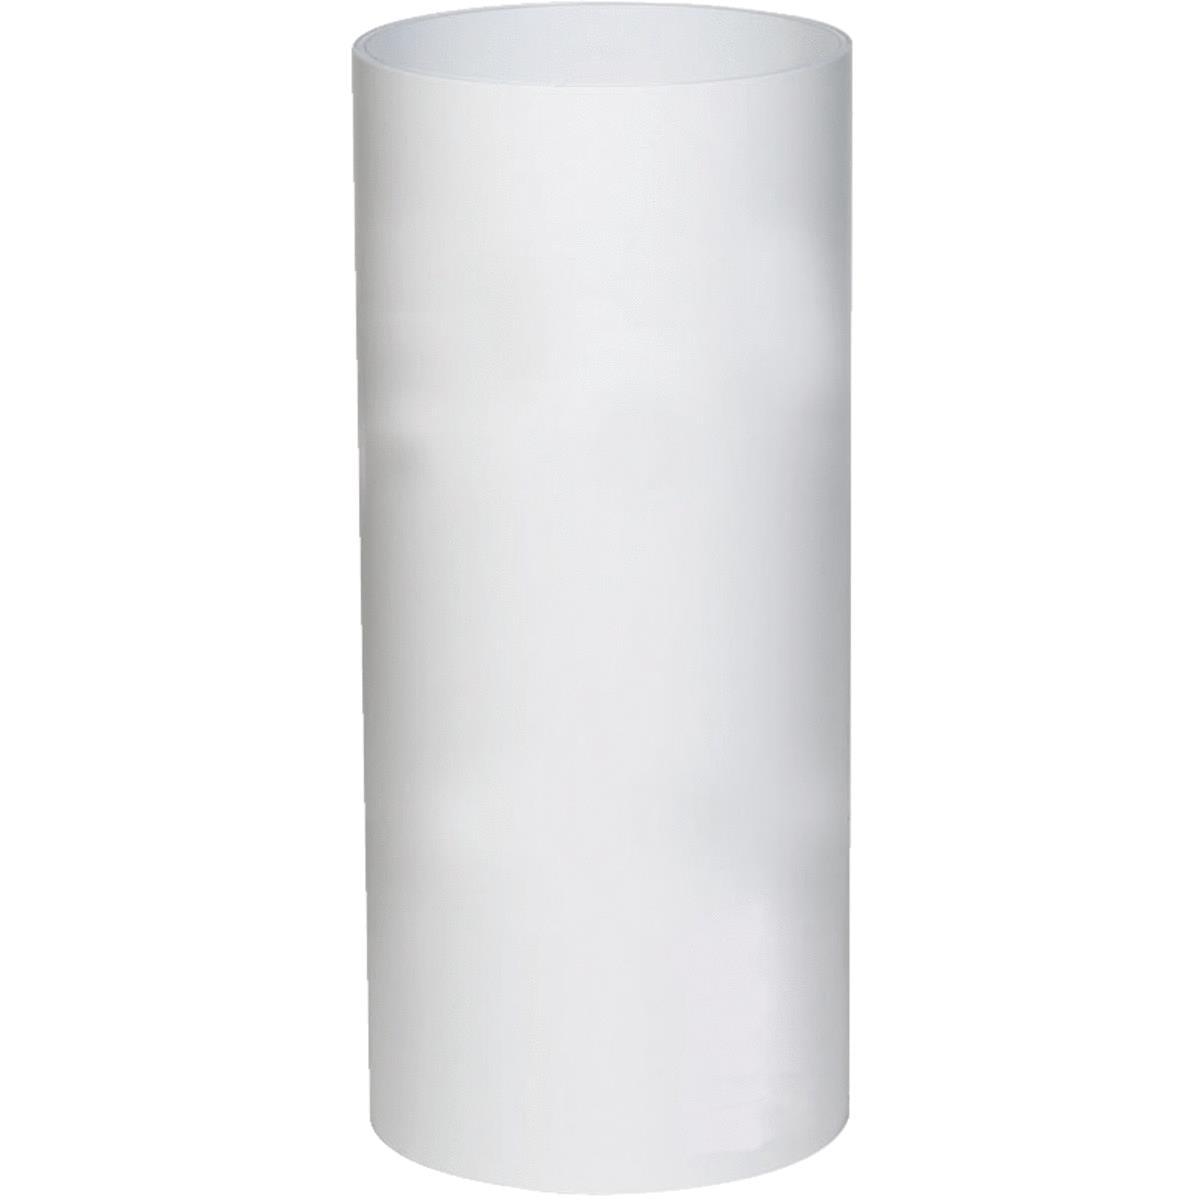 Amerimax Painted Aluminum Trim Coil